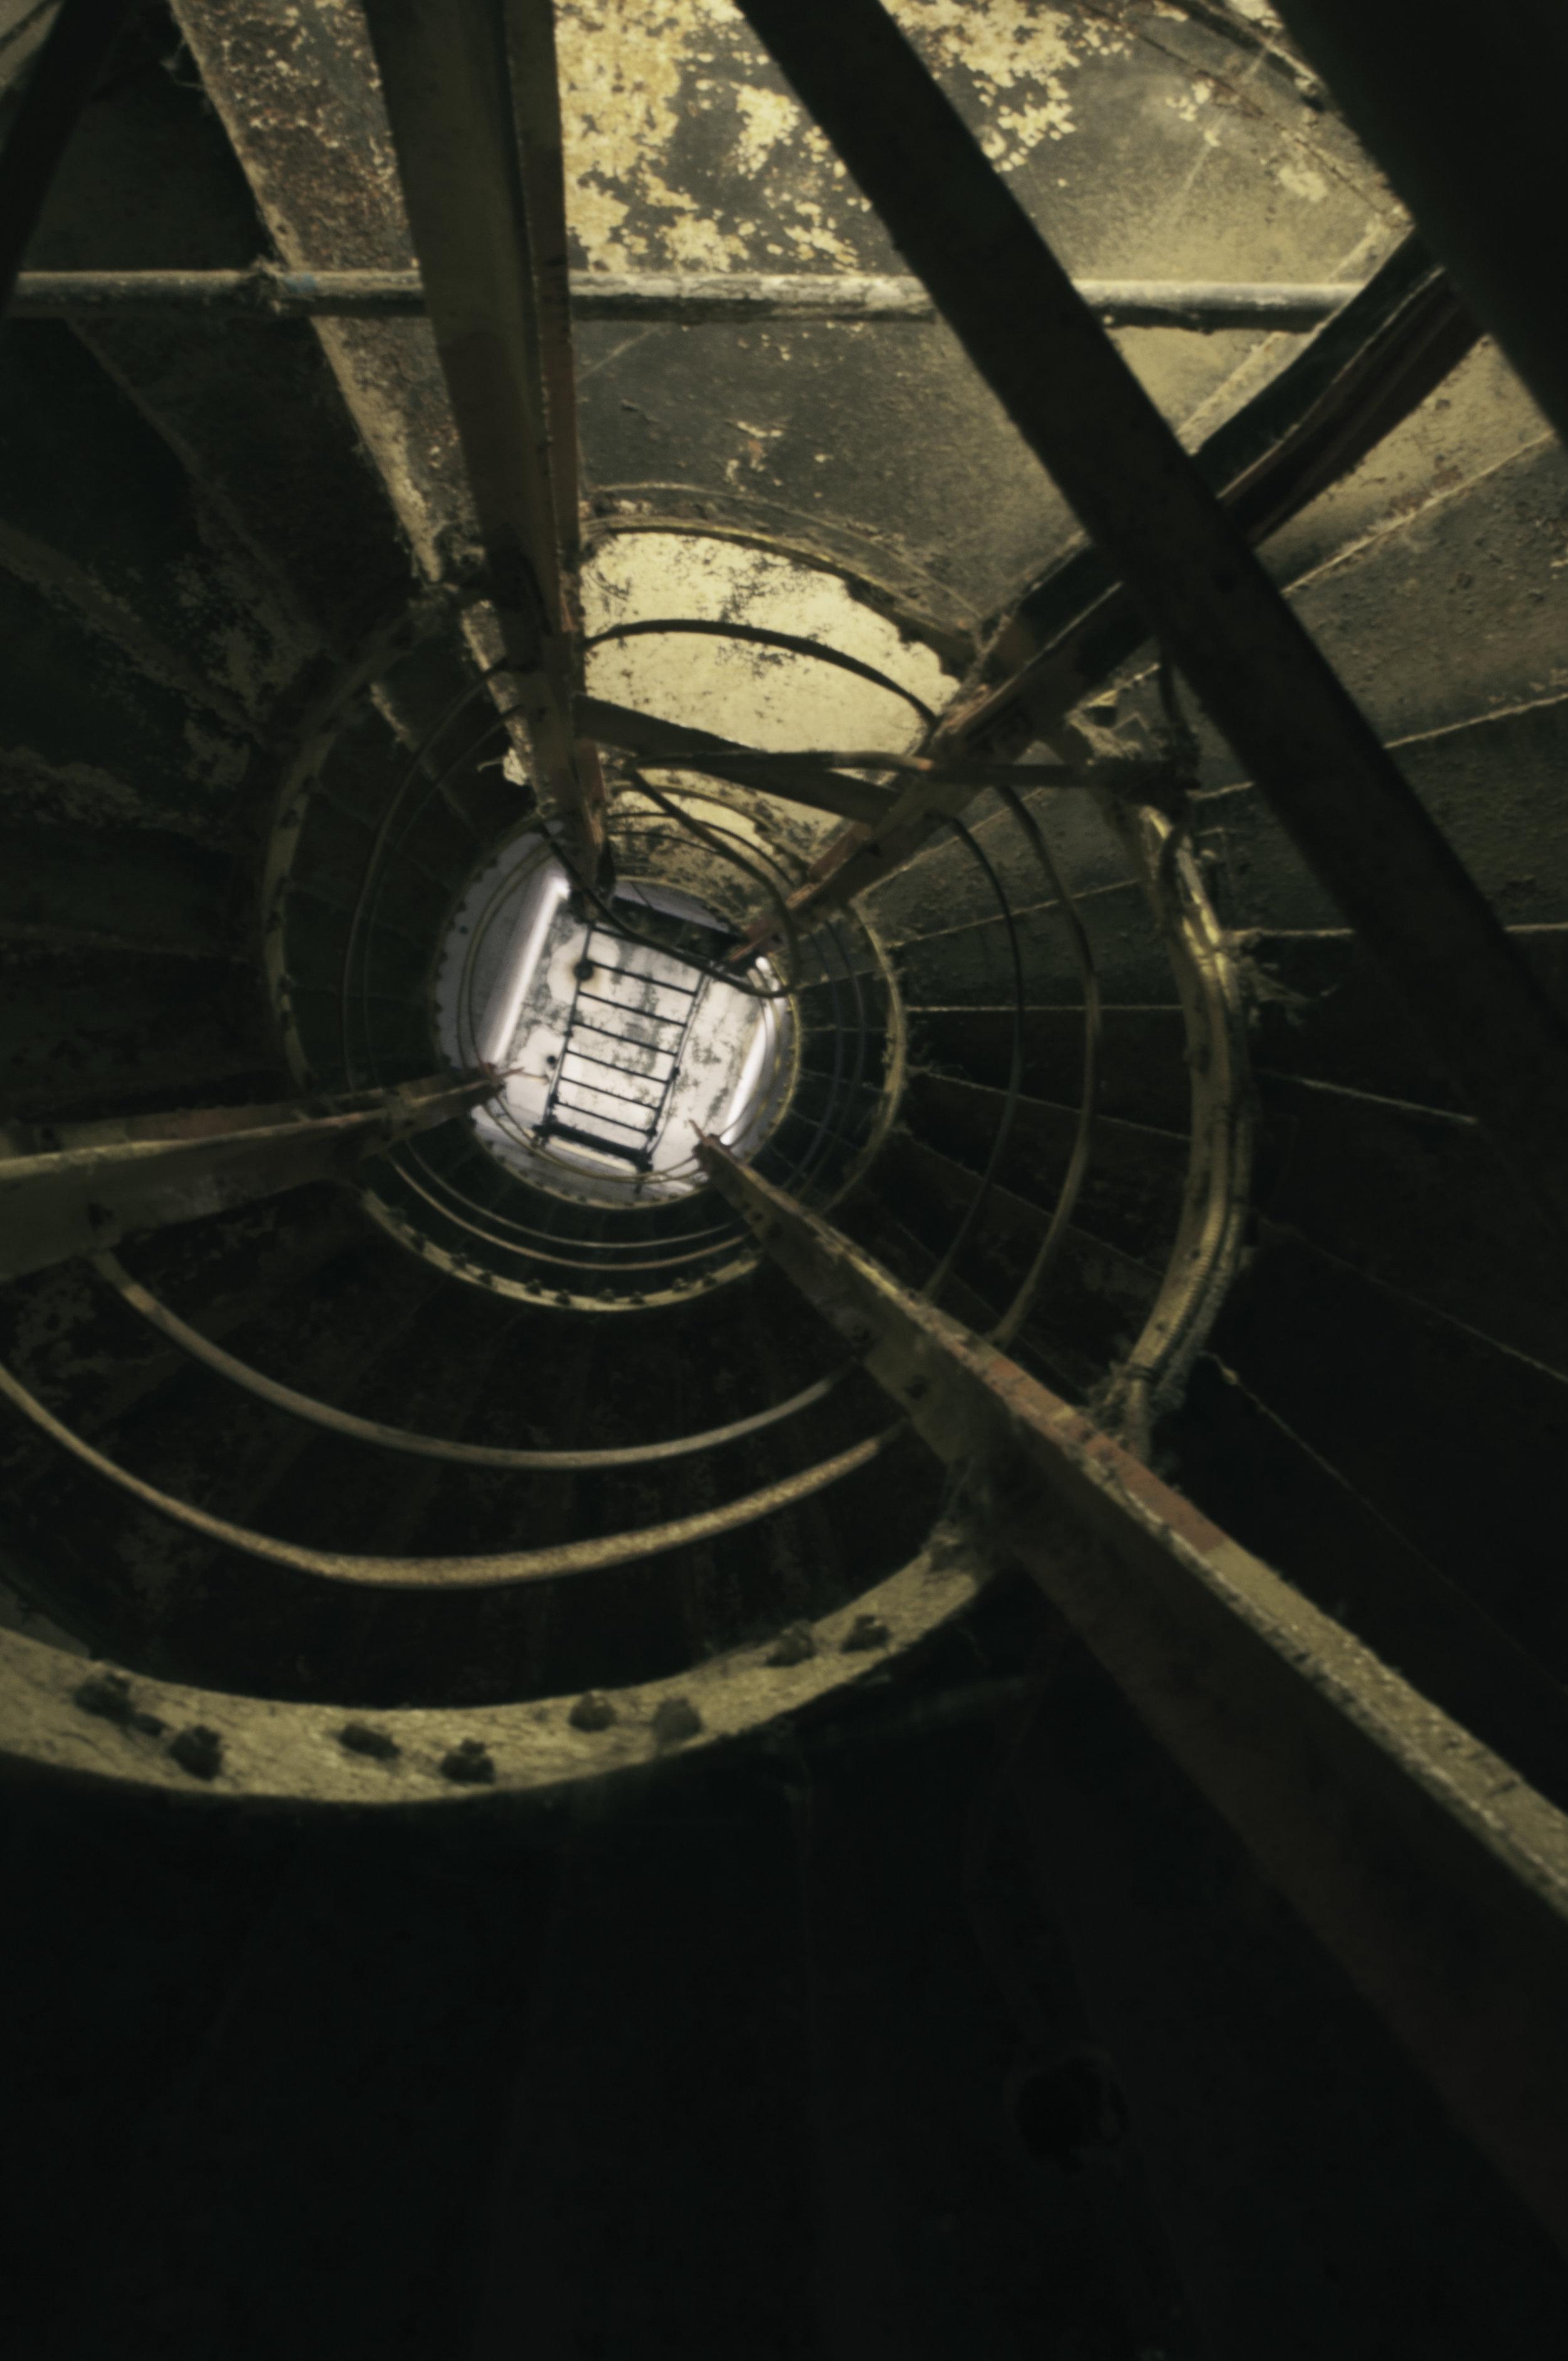 Urban_stairway_001.jpg